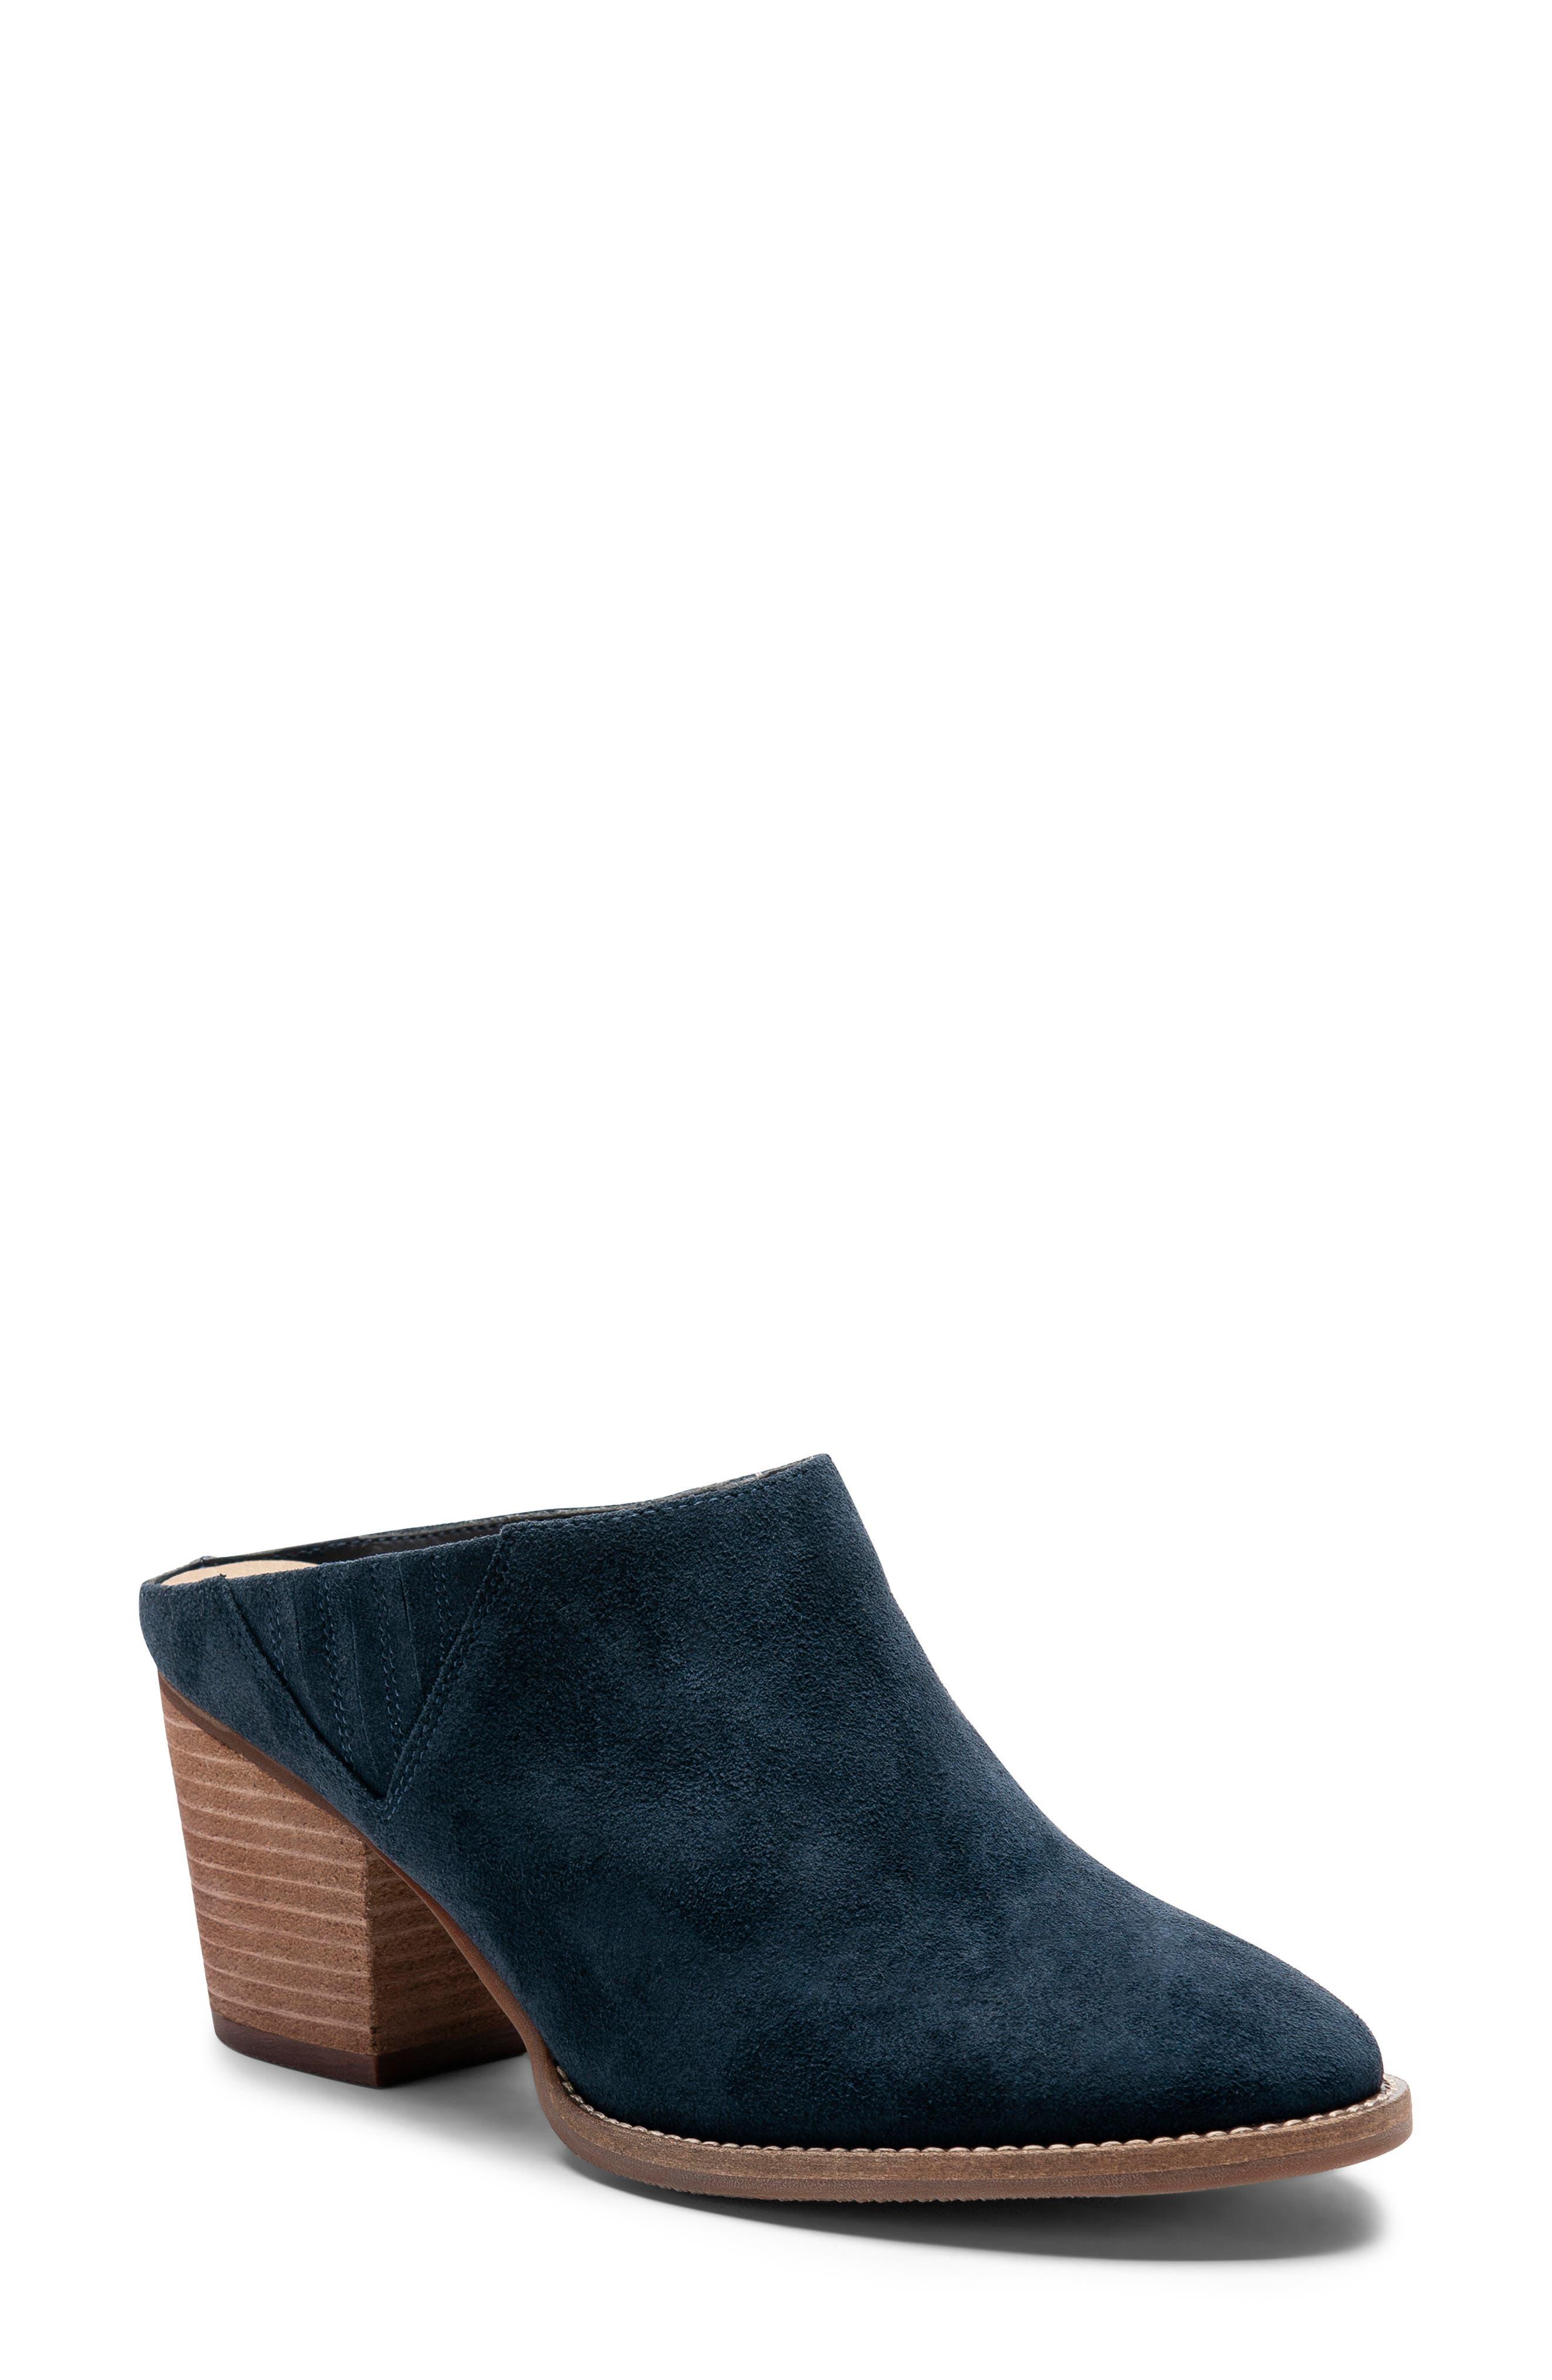 Blondo Norwich Mule- Blue